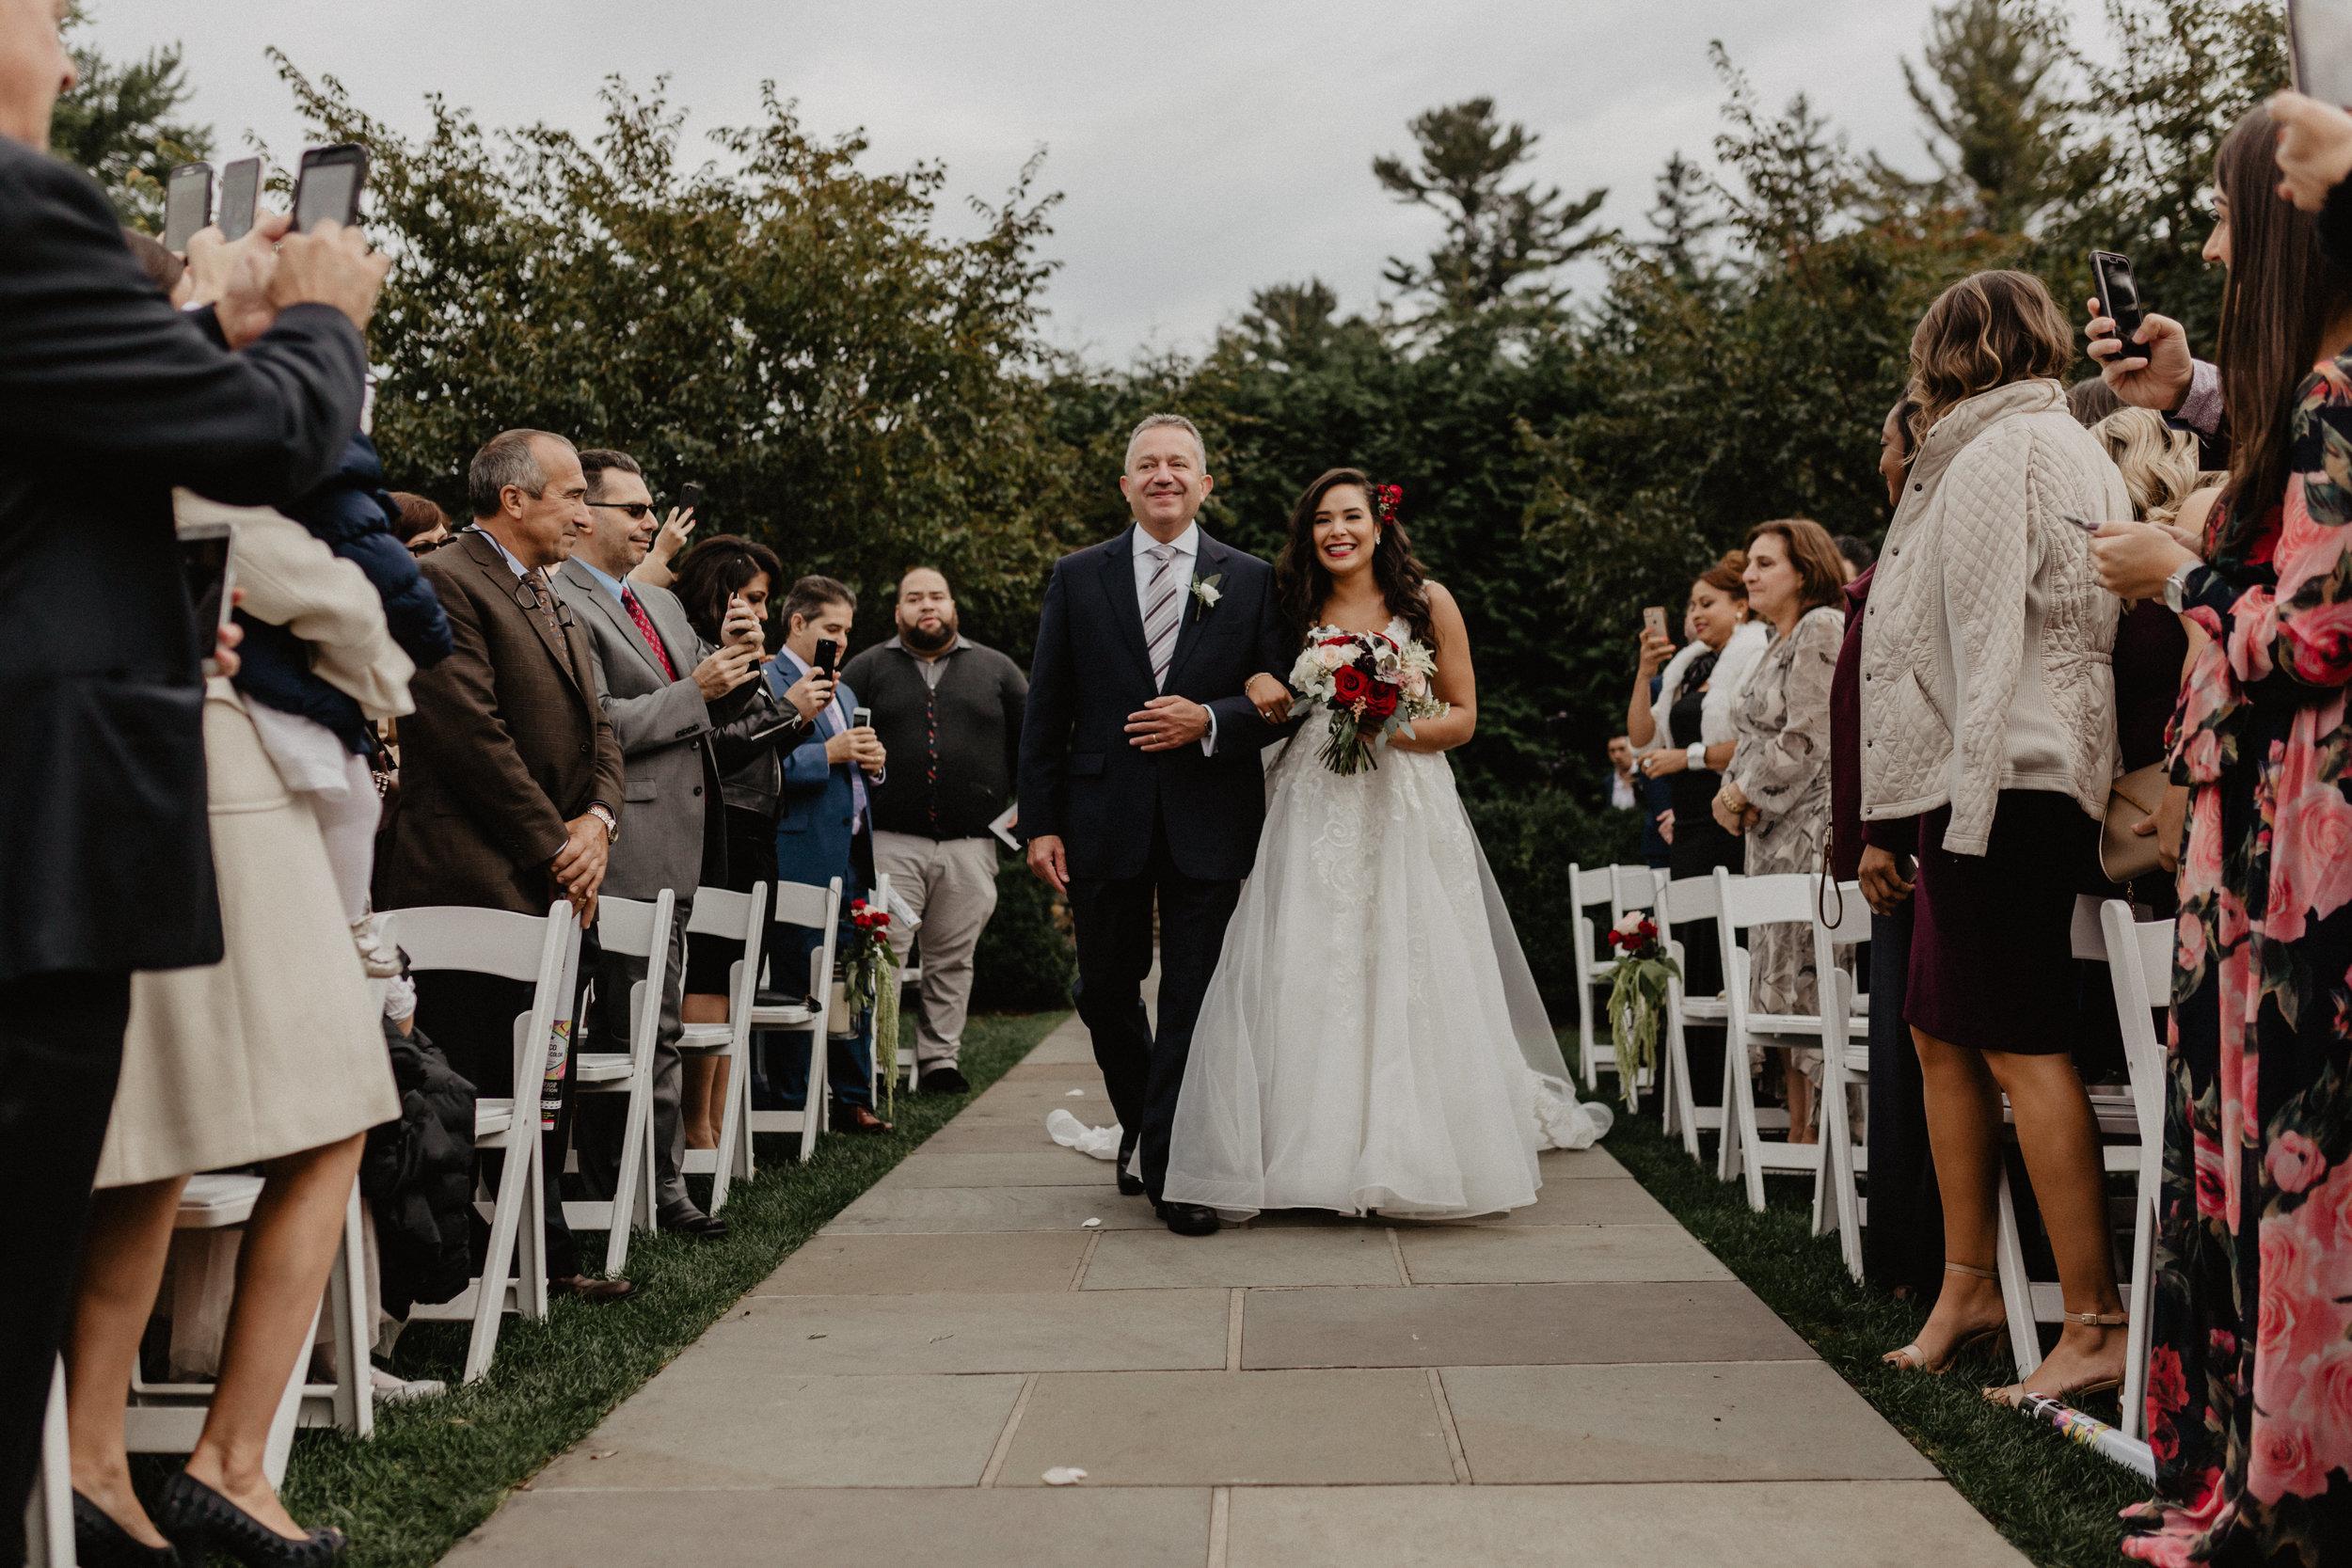 garrison_wedding_photos_045.jpg